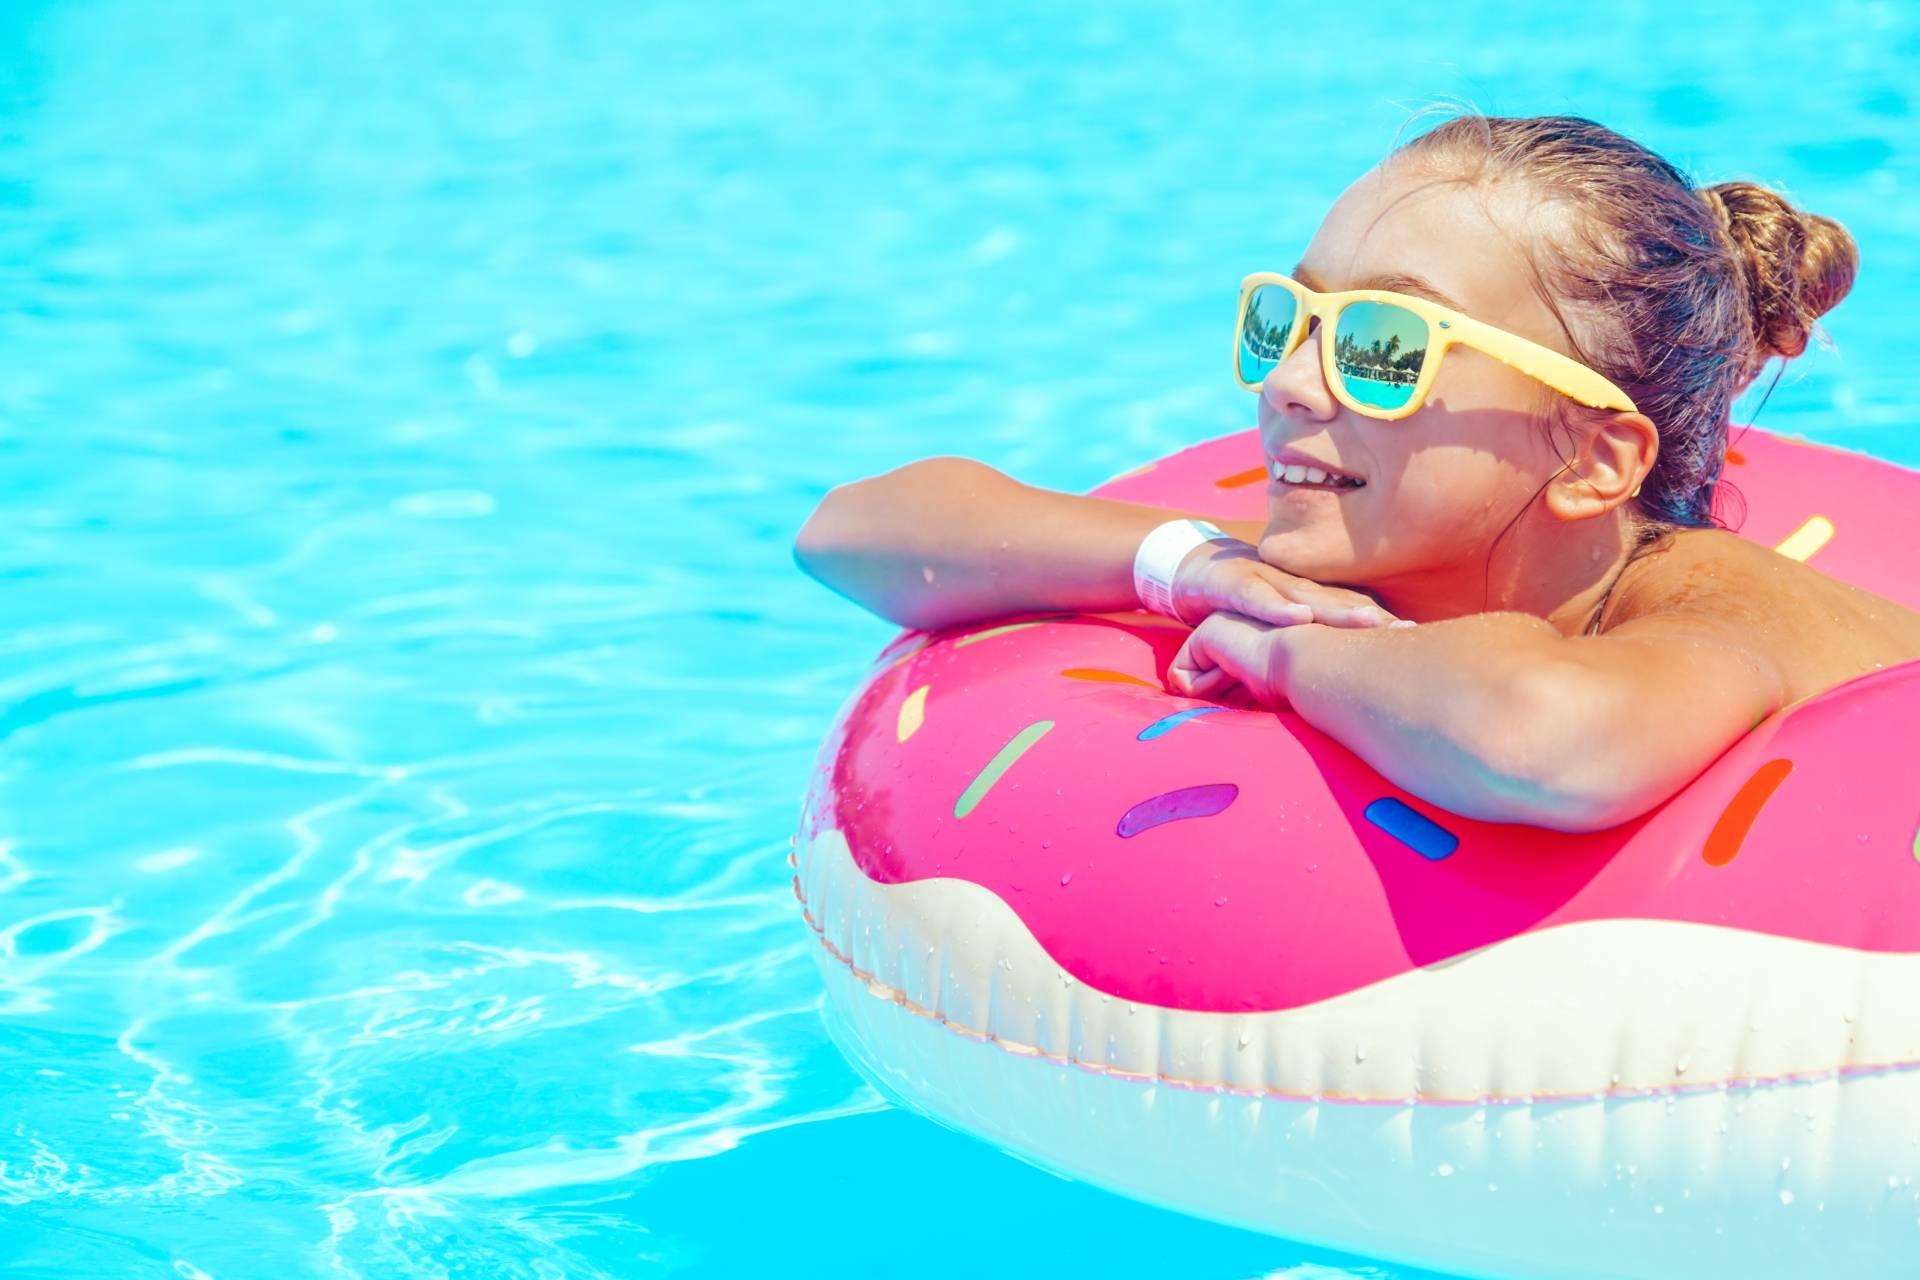 Mała dziewczynka w okularach przeciwsłonecznych pływa w basenie na pontonie.